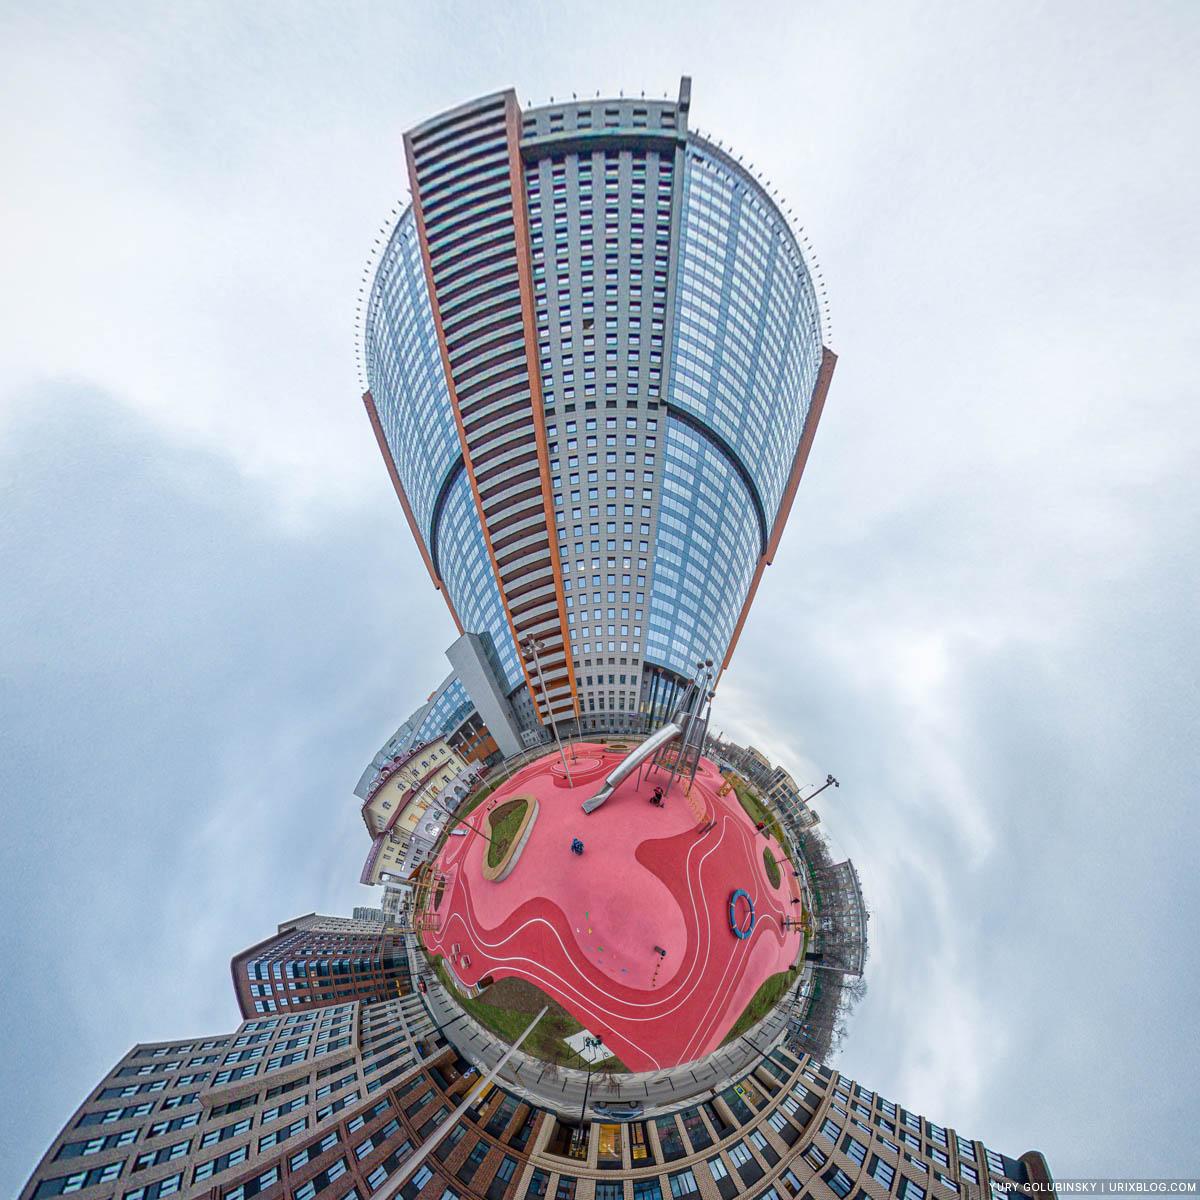 Детская площадка, ЖК Царская Площадь, маленькая планета, панорама, Москва, Россия, 2020